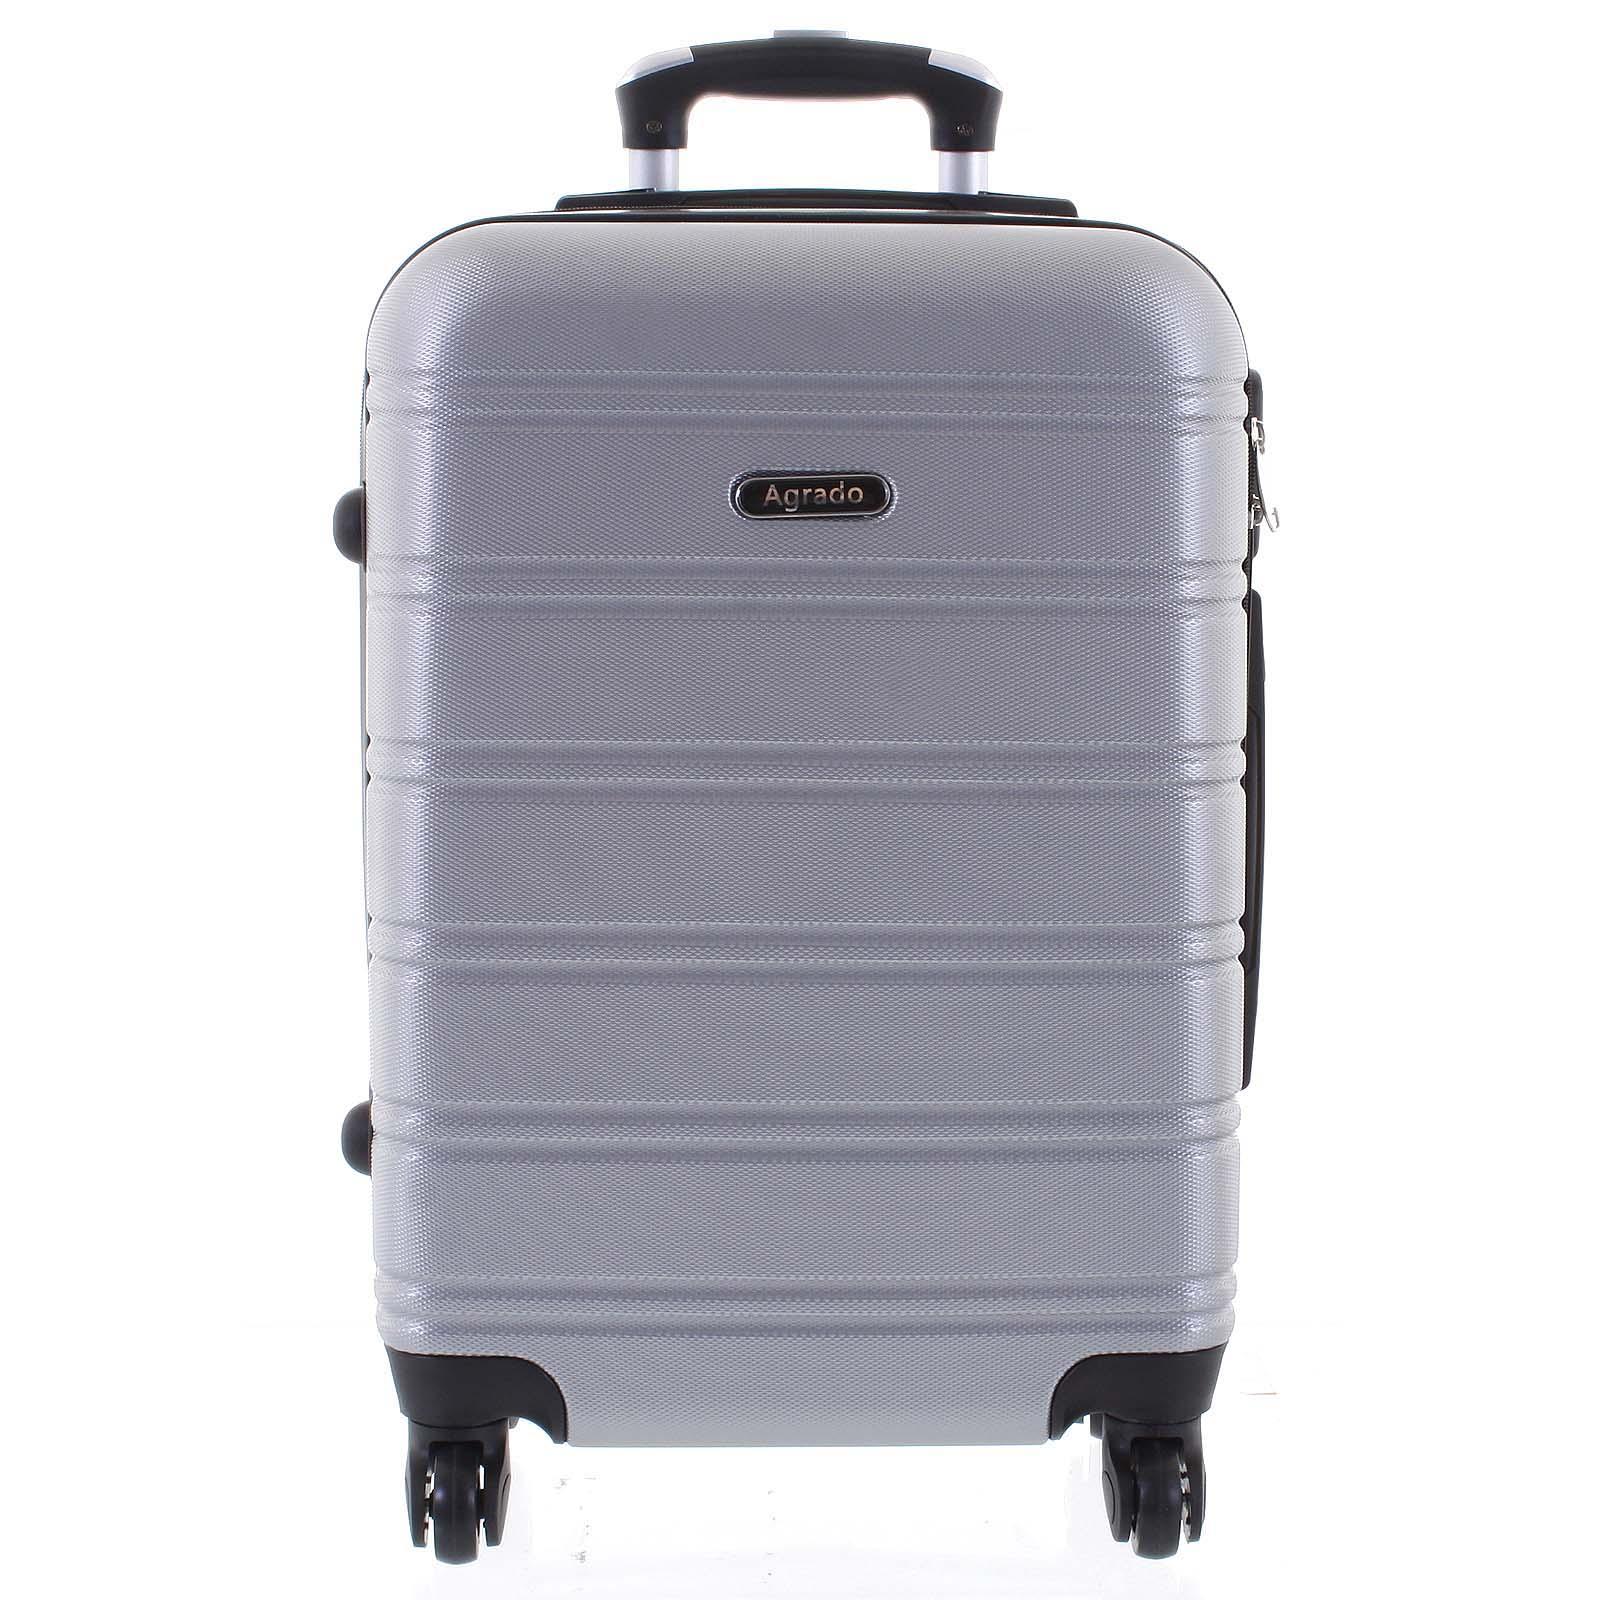 Kvalitní a elegantní pevný stříbrný cestovní kufr - Agrado Michael S